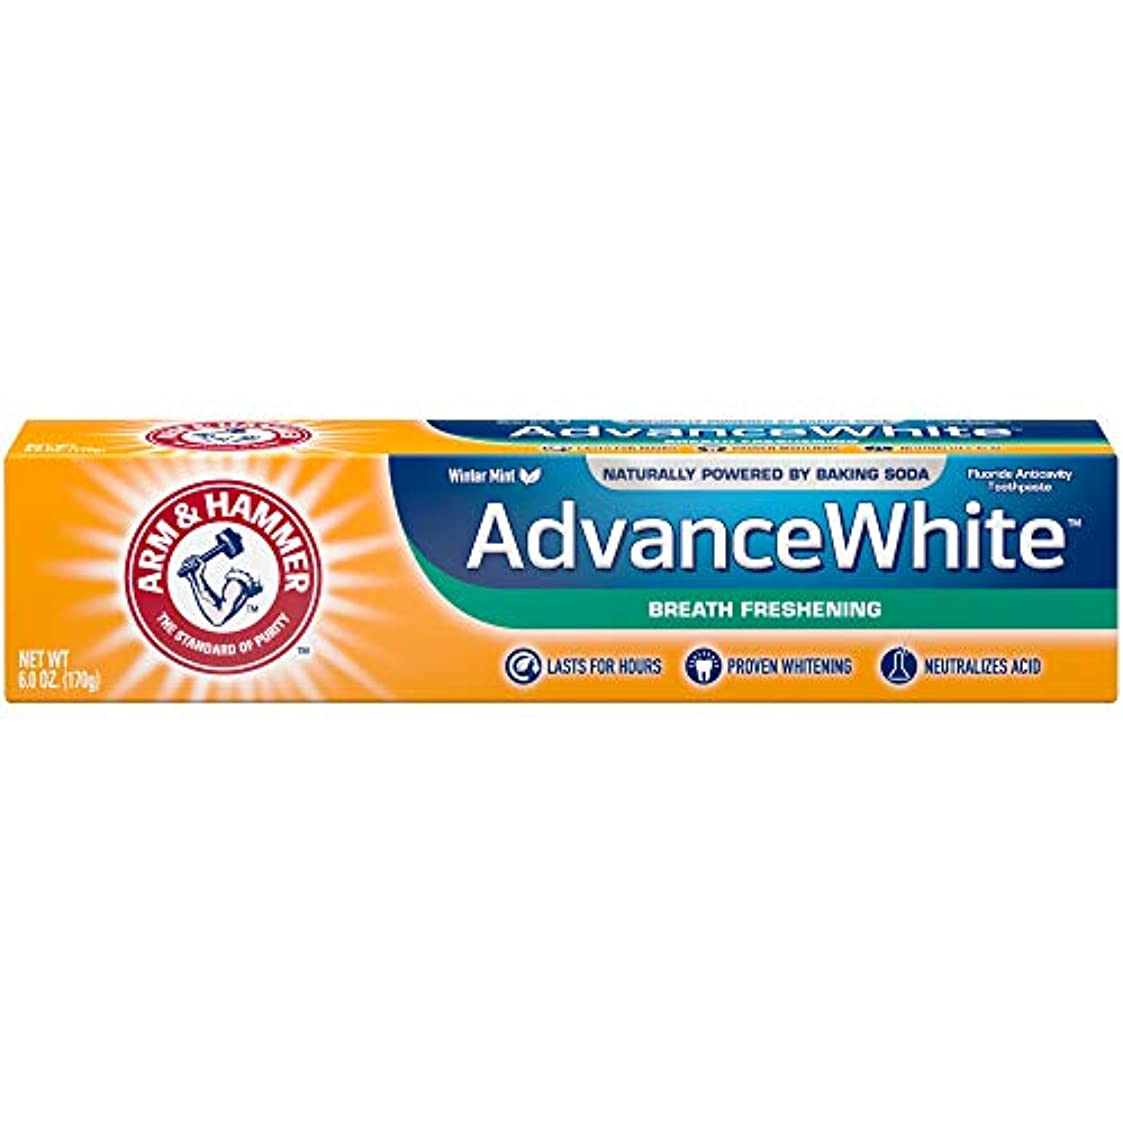 上がるやりすぎマスクアーム&ハマー アドバンス ホワイト 歯磨き粉 ブレス フレッシュニング 170g Advance White Breath Freshing Baking Soda & Frosted Mint